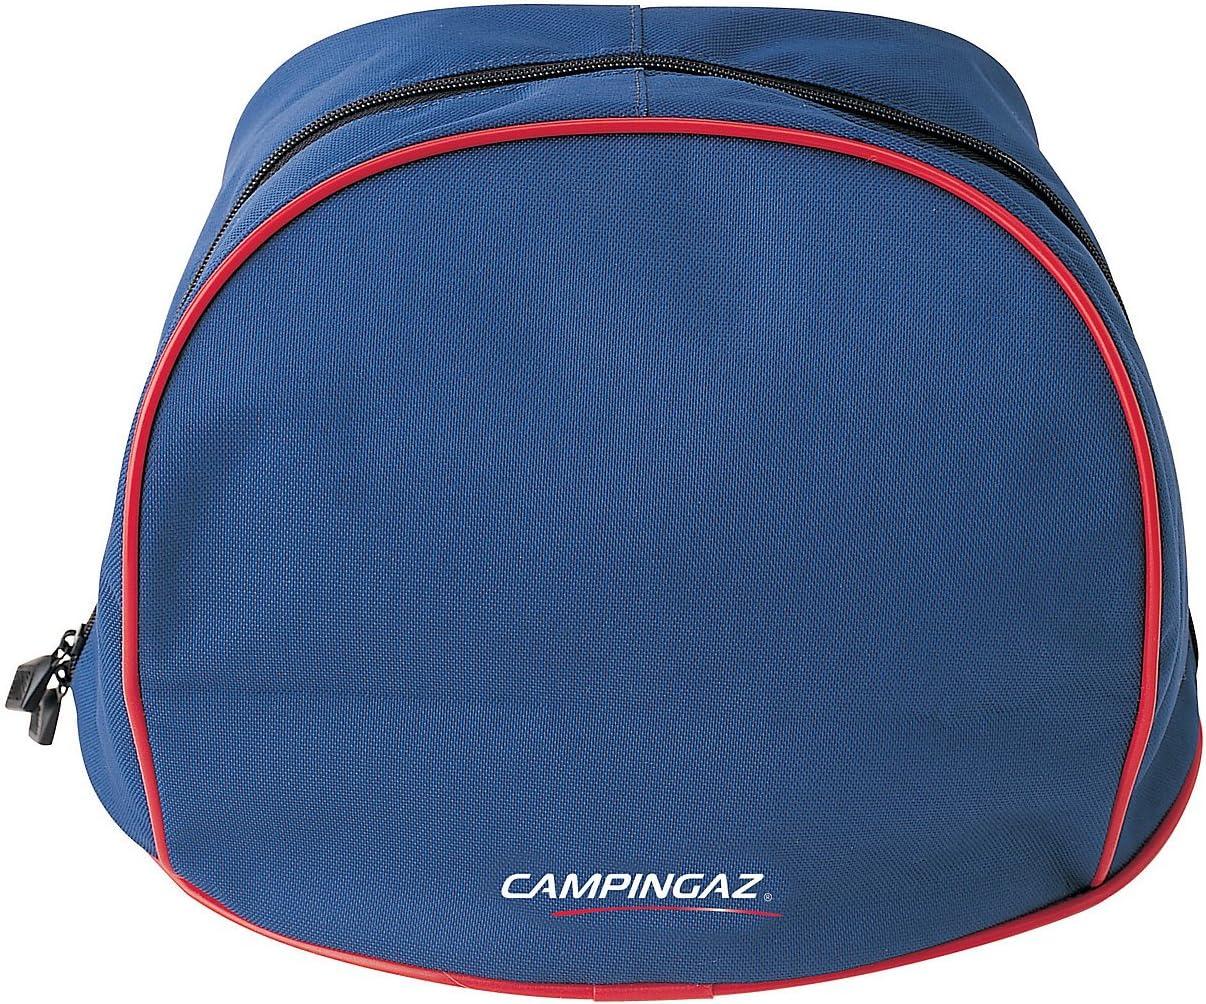 Campingaz - Batería de Cocina para Camping